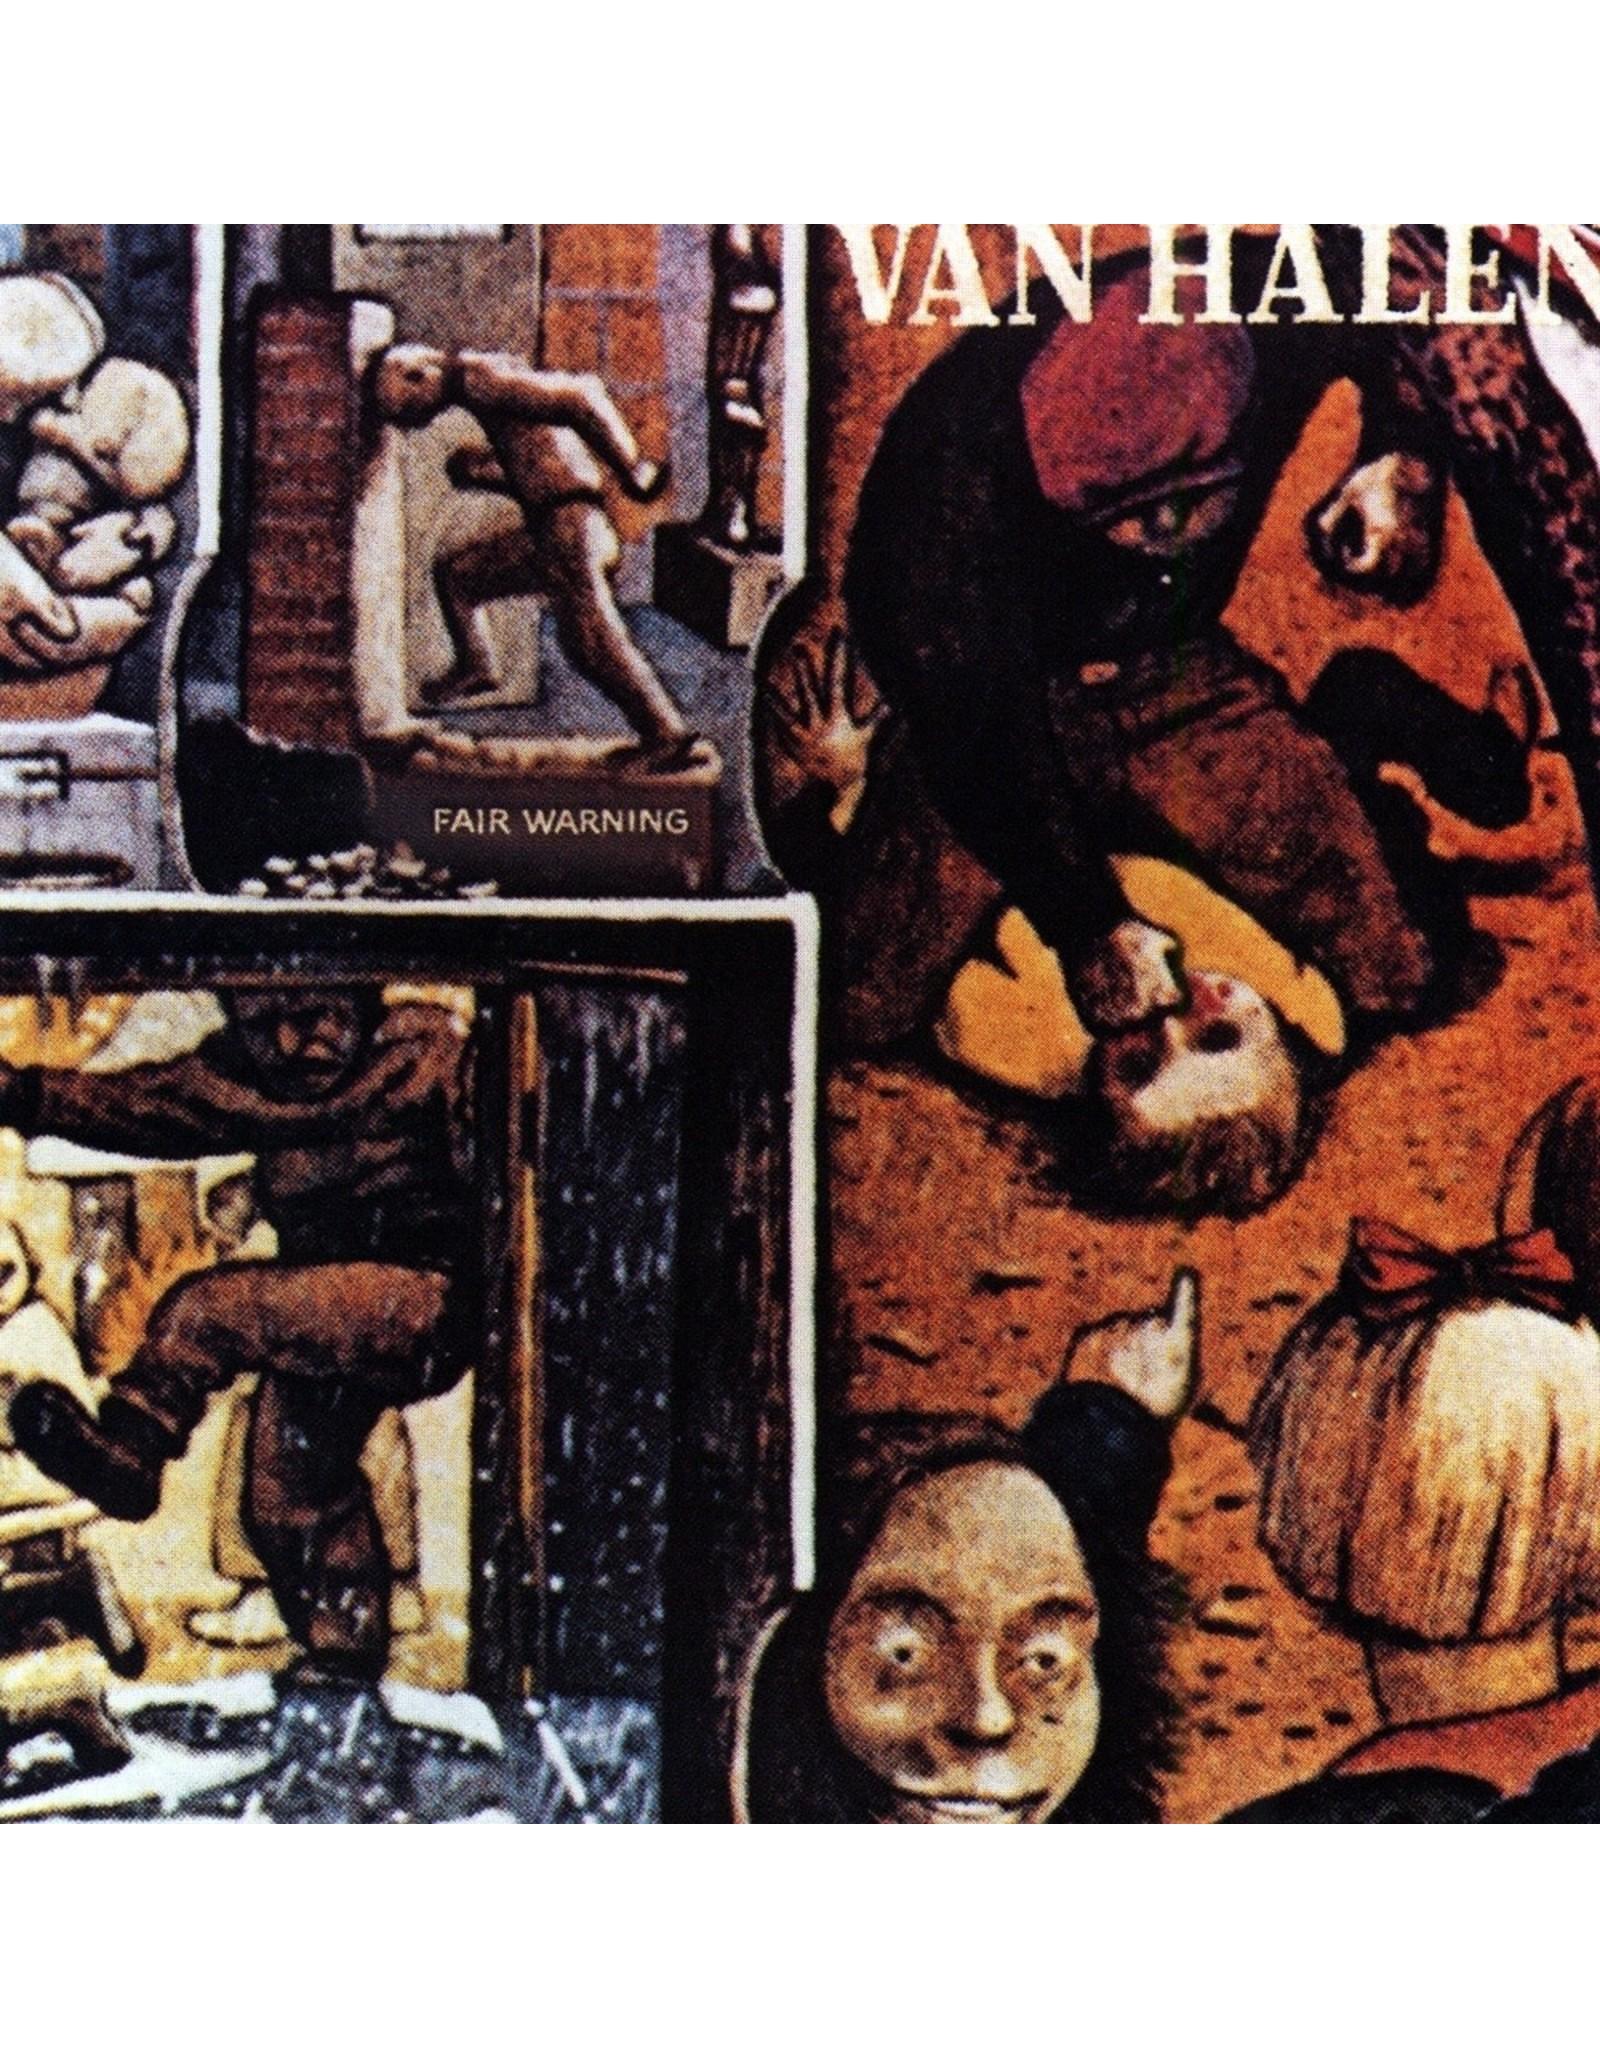 Van Halen - Fair Warning LP